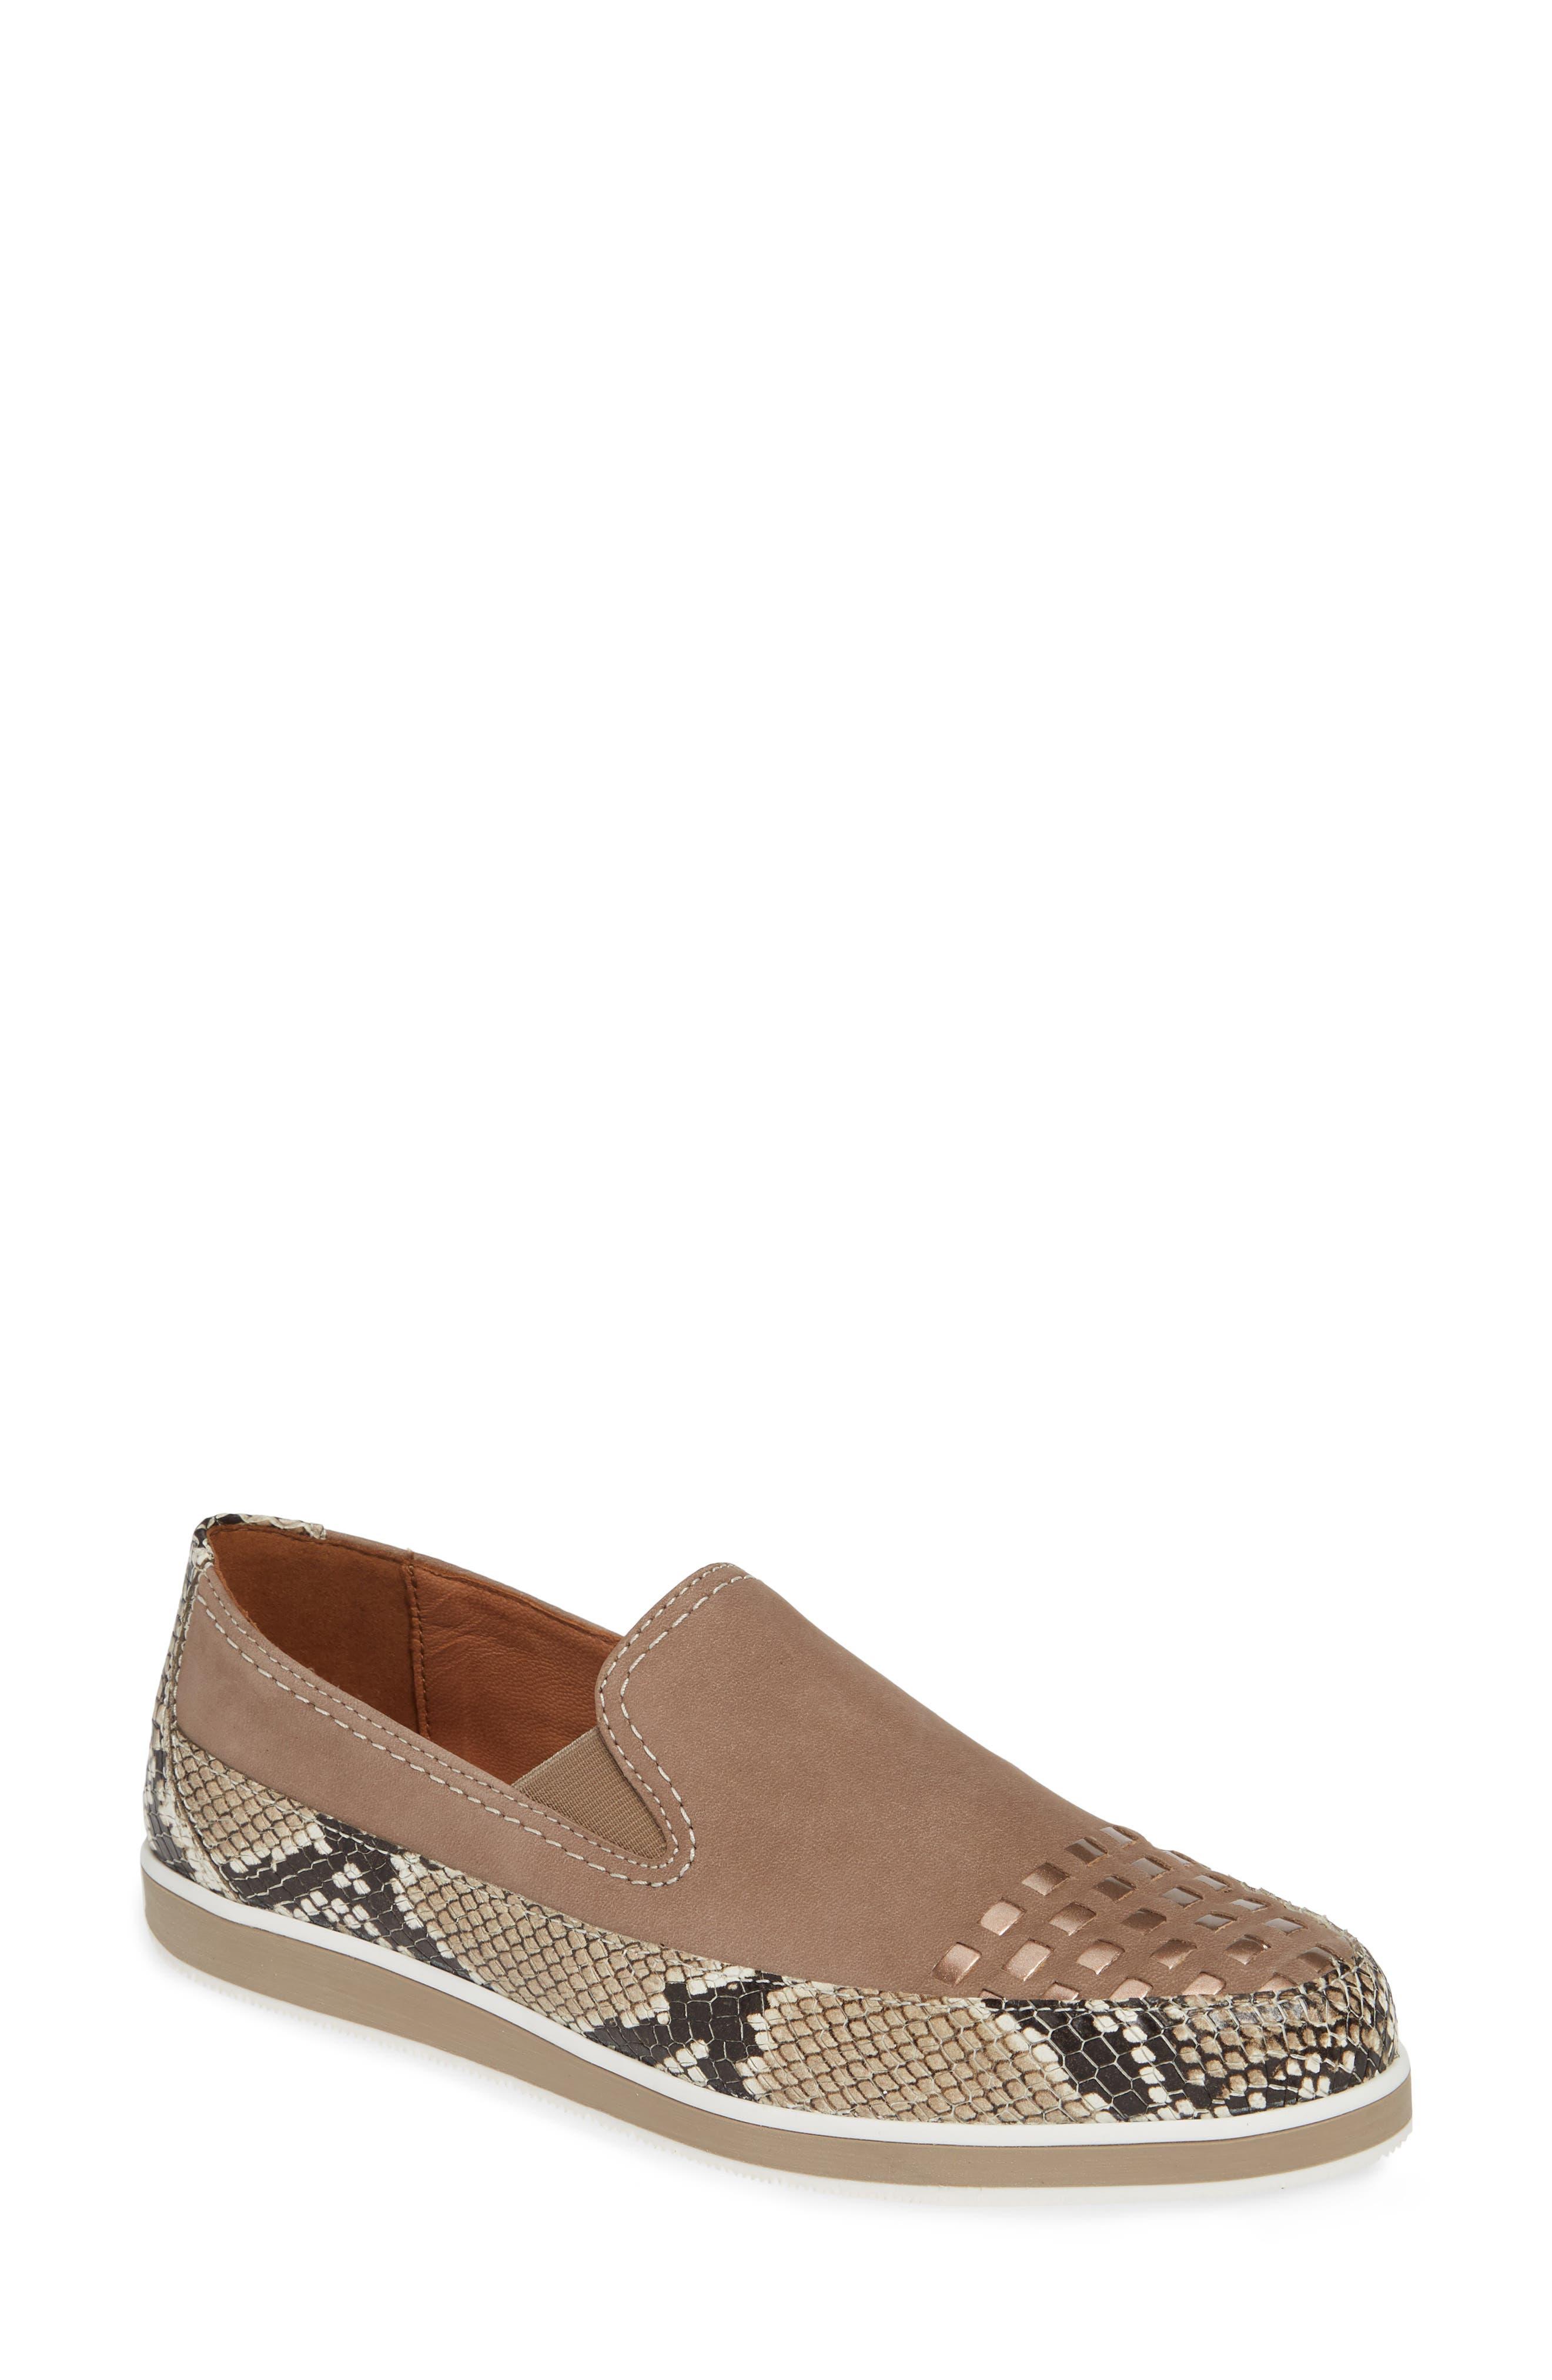 Ara Laurel Slip-On Sneaker, Beige